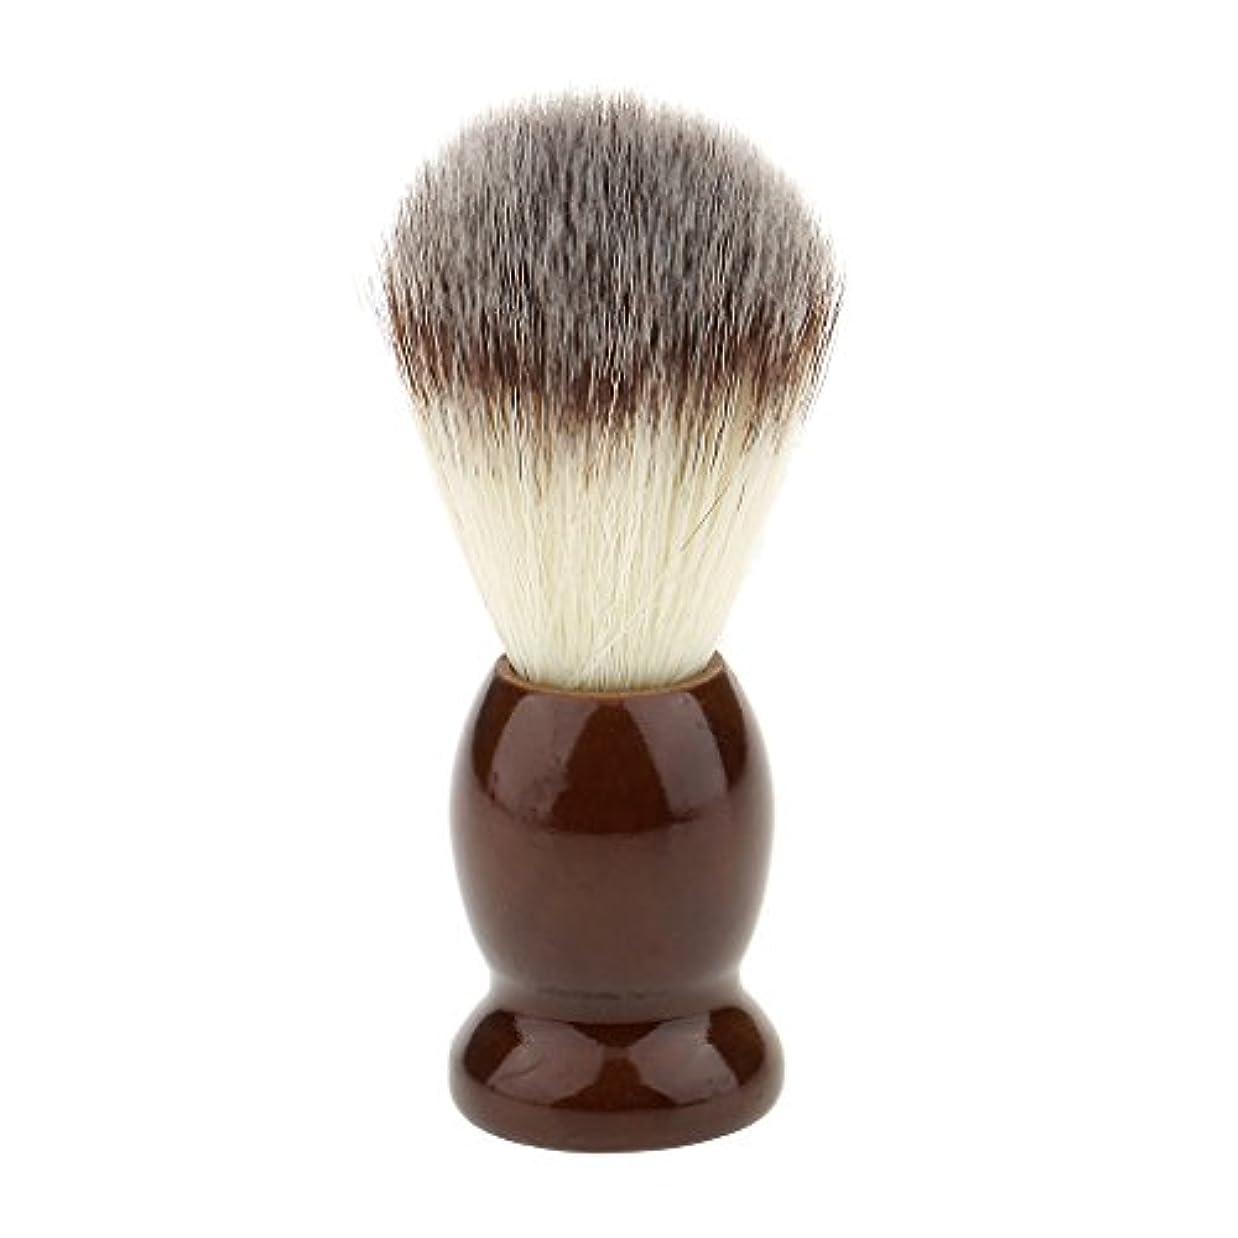 補償うぬぼれたキャンドルナイロン製 シェービングブラシ 柔らかい 理容 洗顔 髭剃り 便携 10.5cm ブラウン